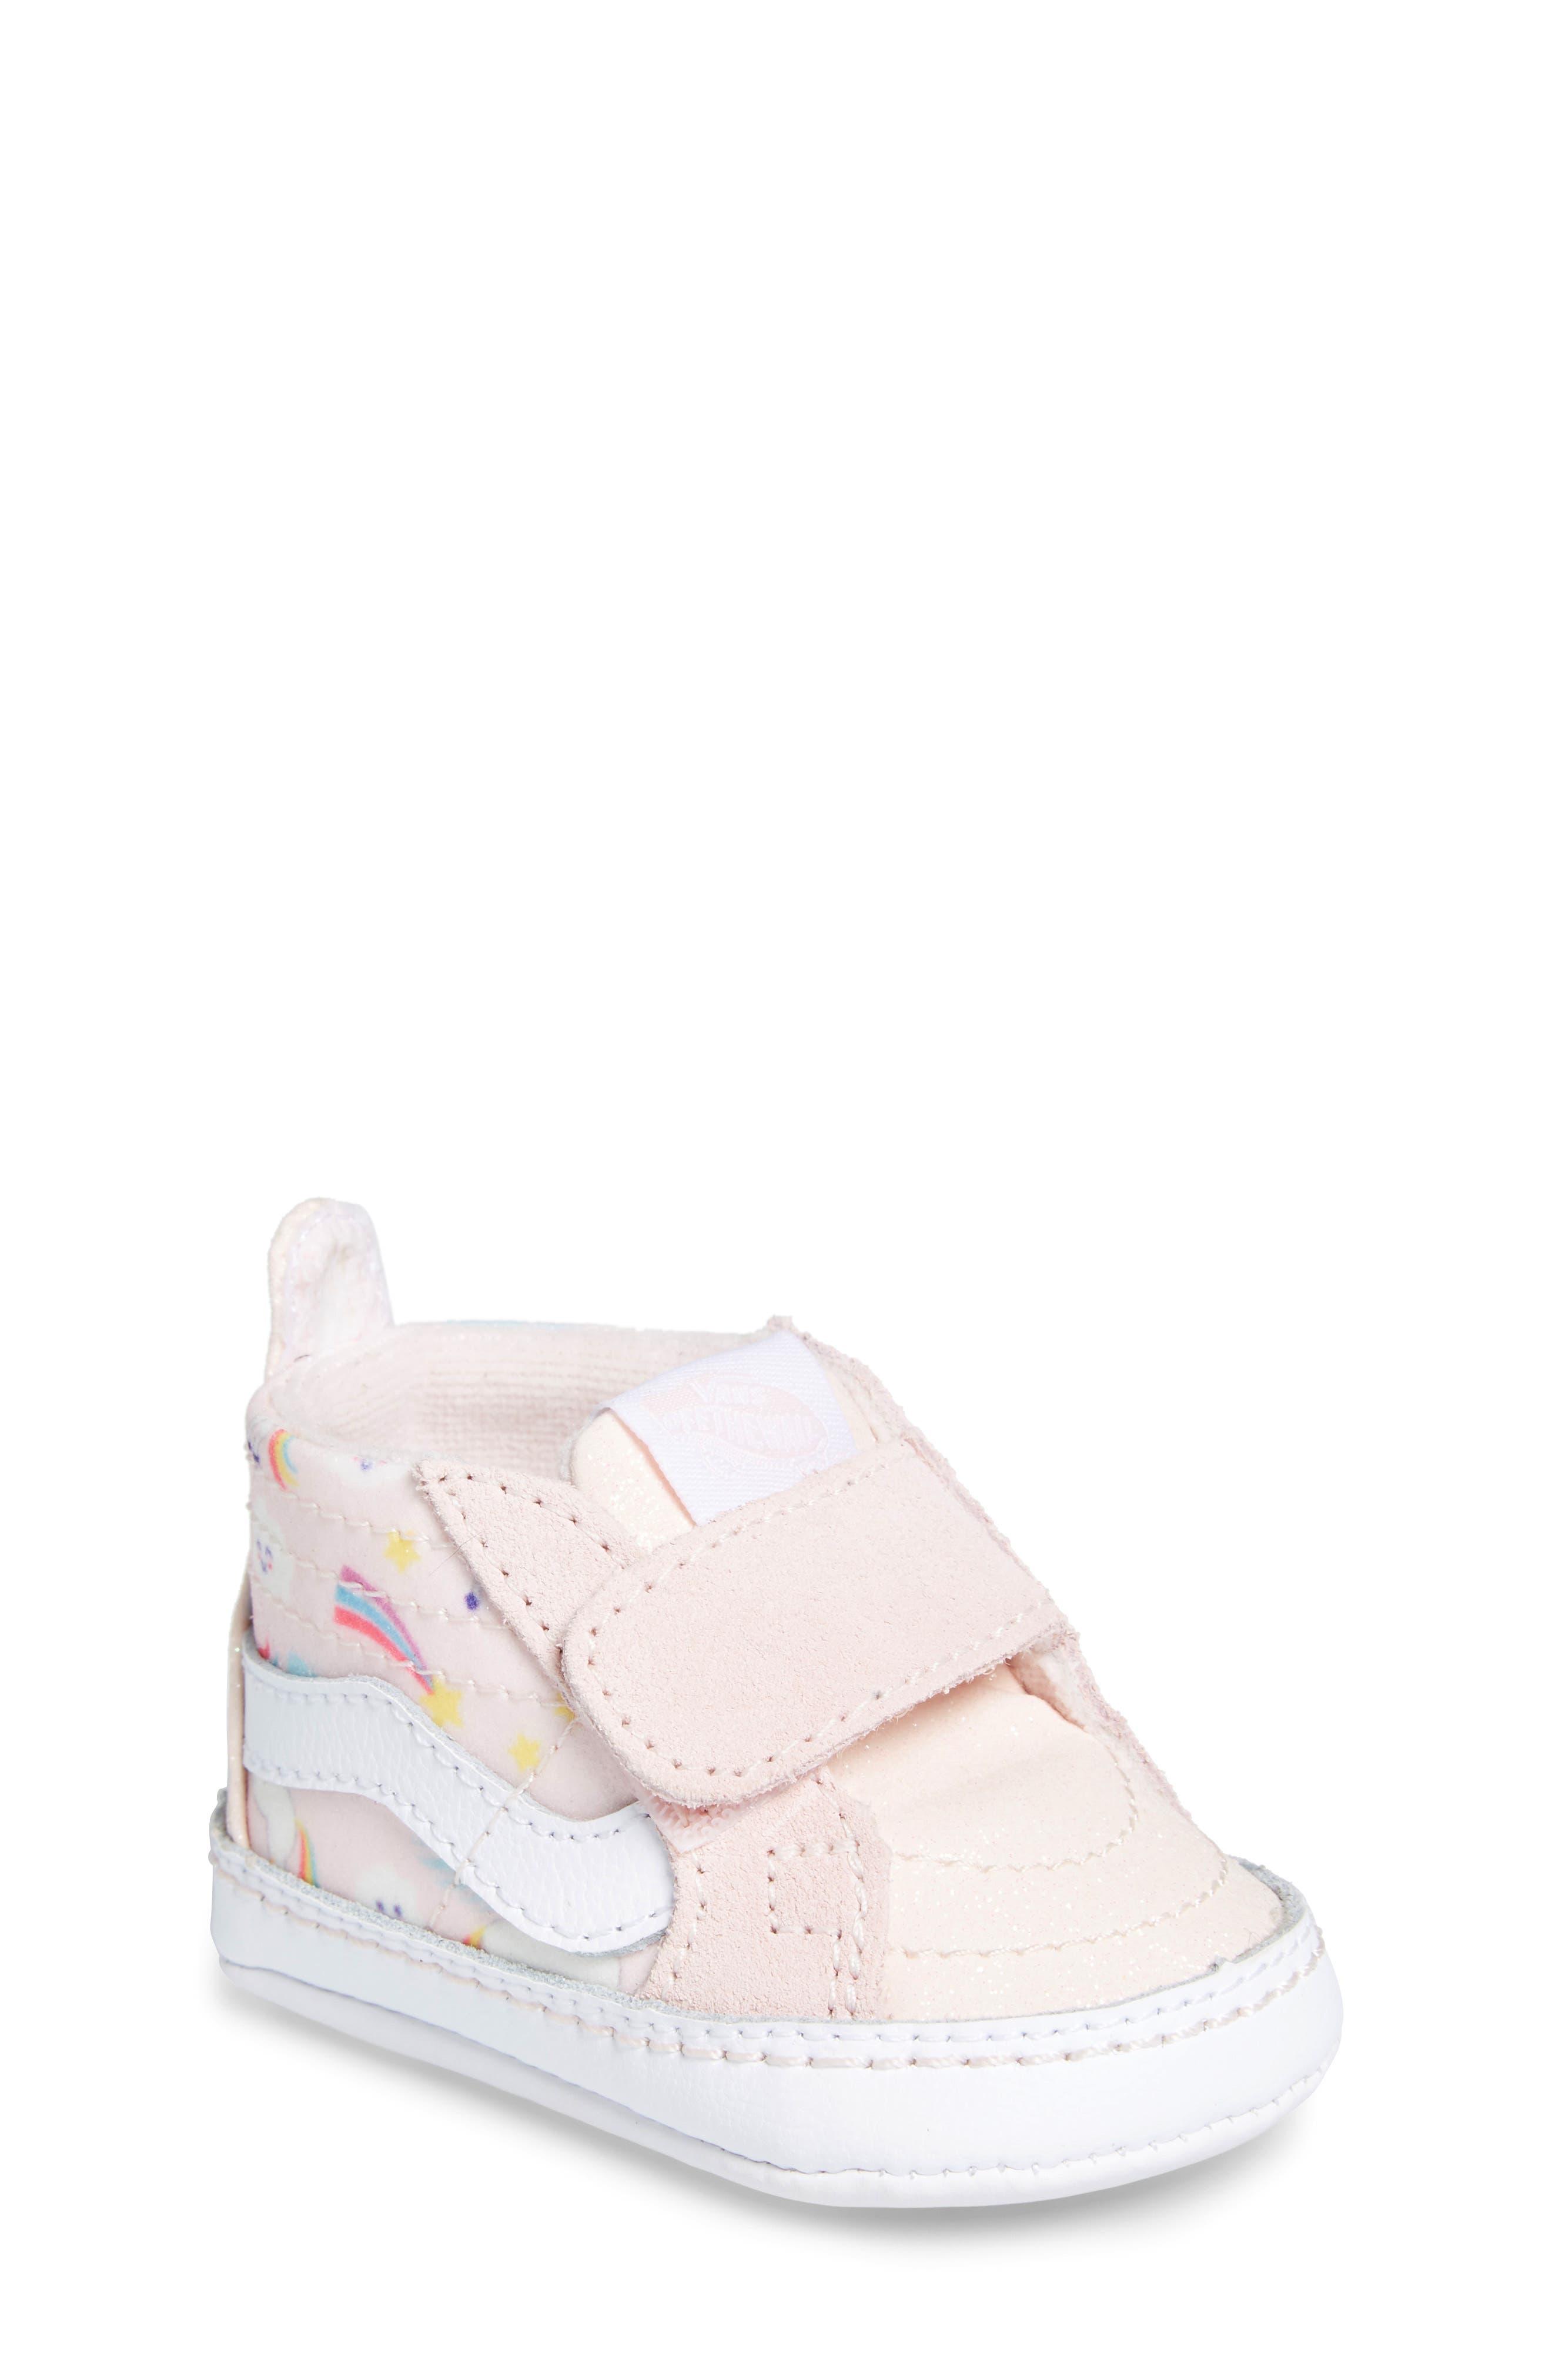 'SK8-Hi' Crib Sneaker,                             Main thumbnail 1, color,                             GLITTER PEGASUS PINK/ WHITE